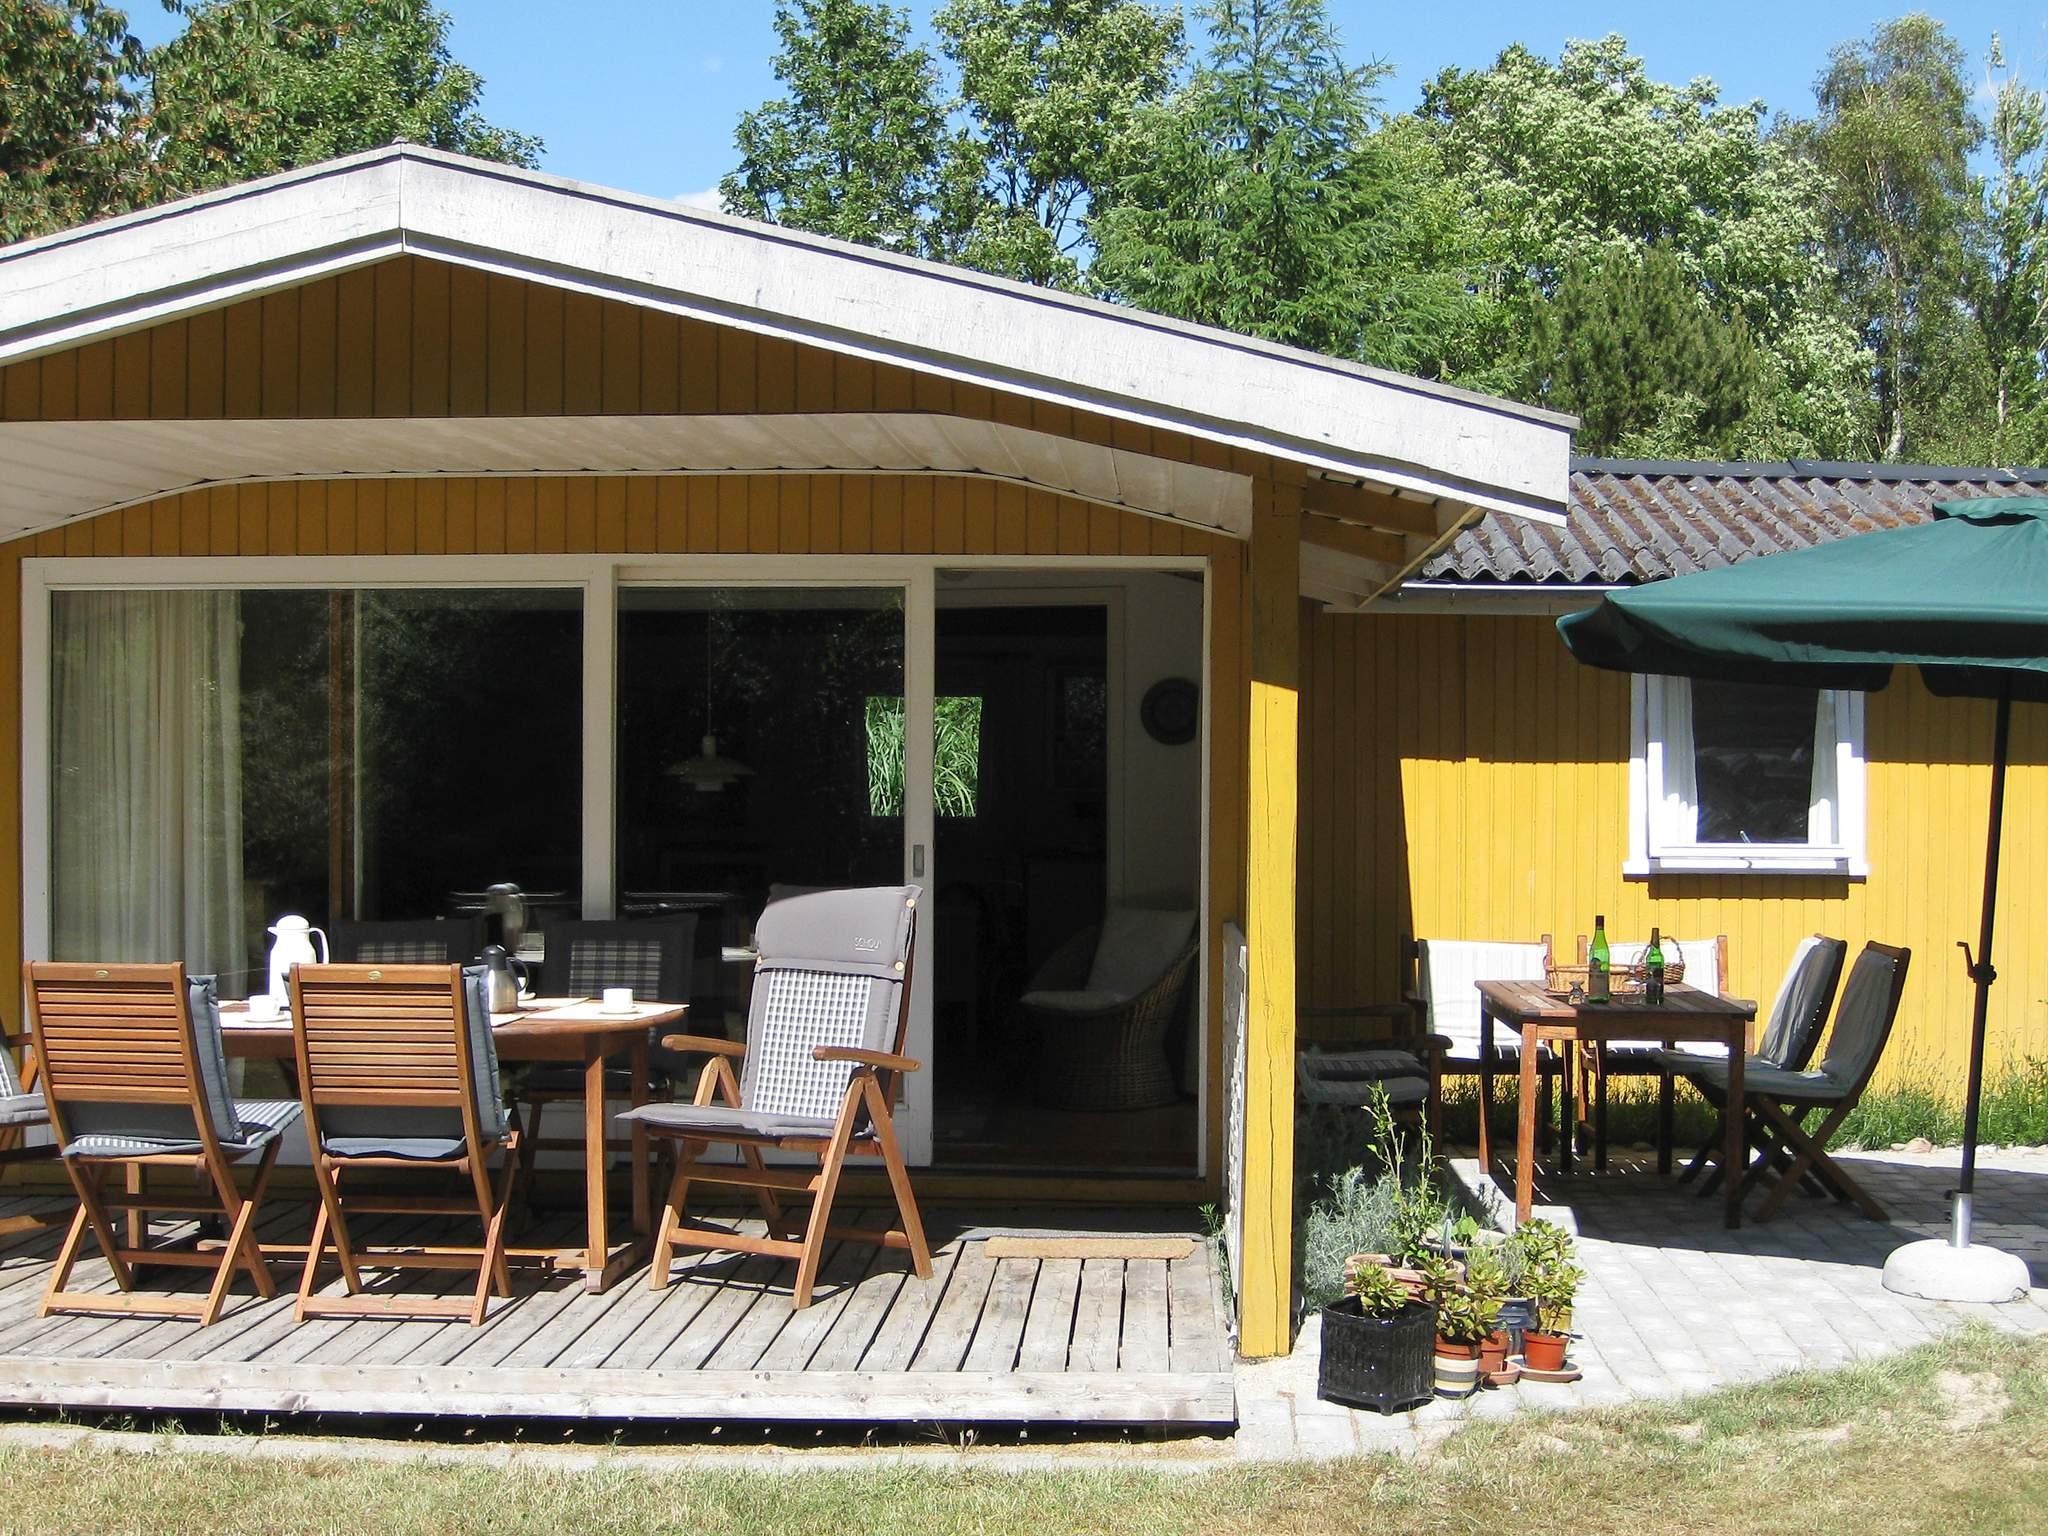 Maison de vacances Hummingen (85638), Hummingen, , Lolland, Danemark, image 12